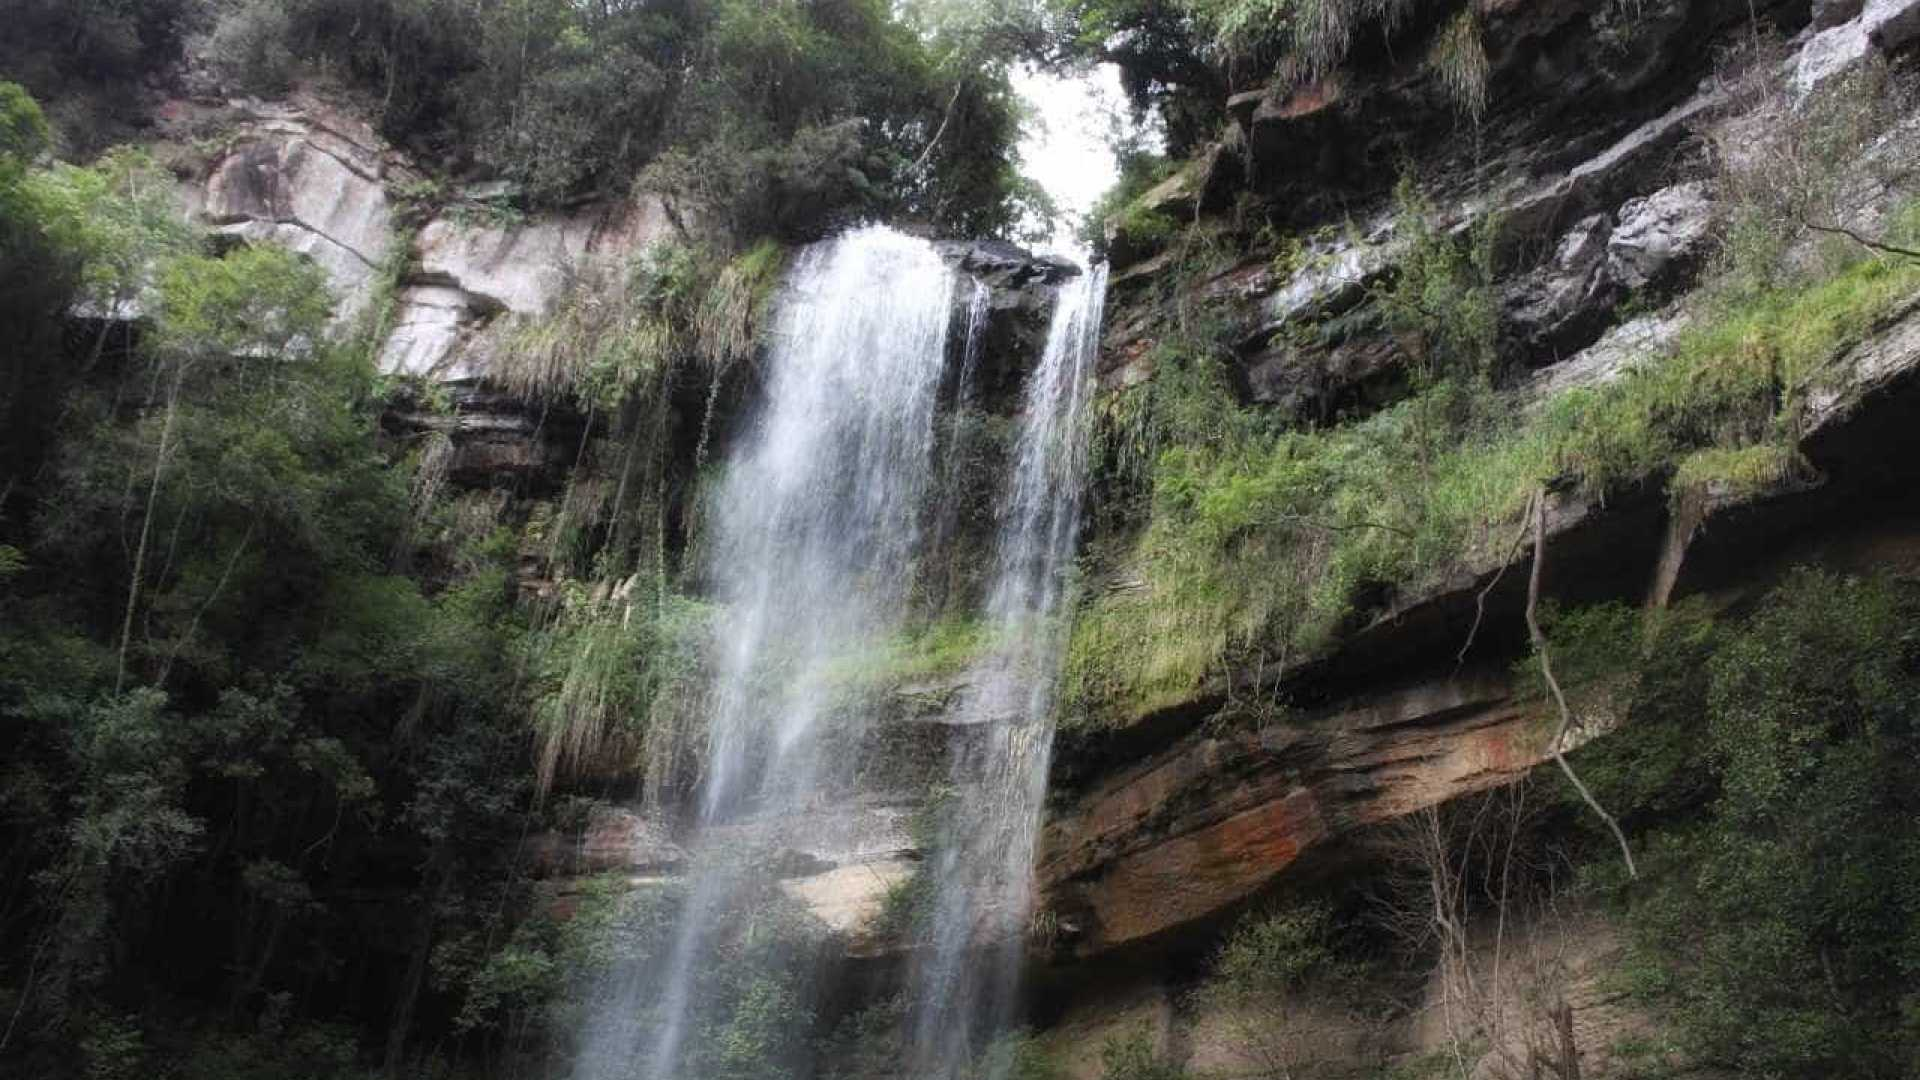 Cachoeira do Zé Pereira